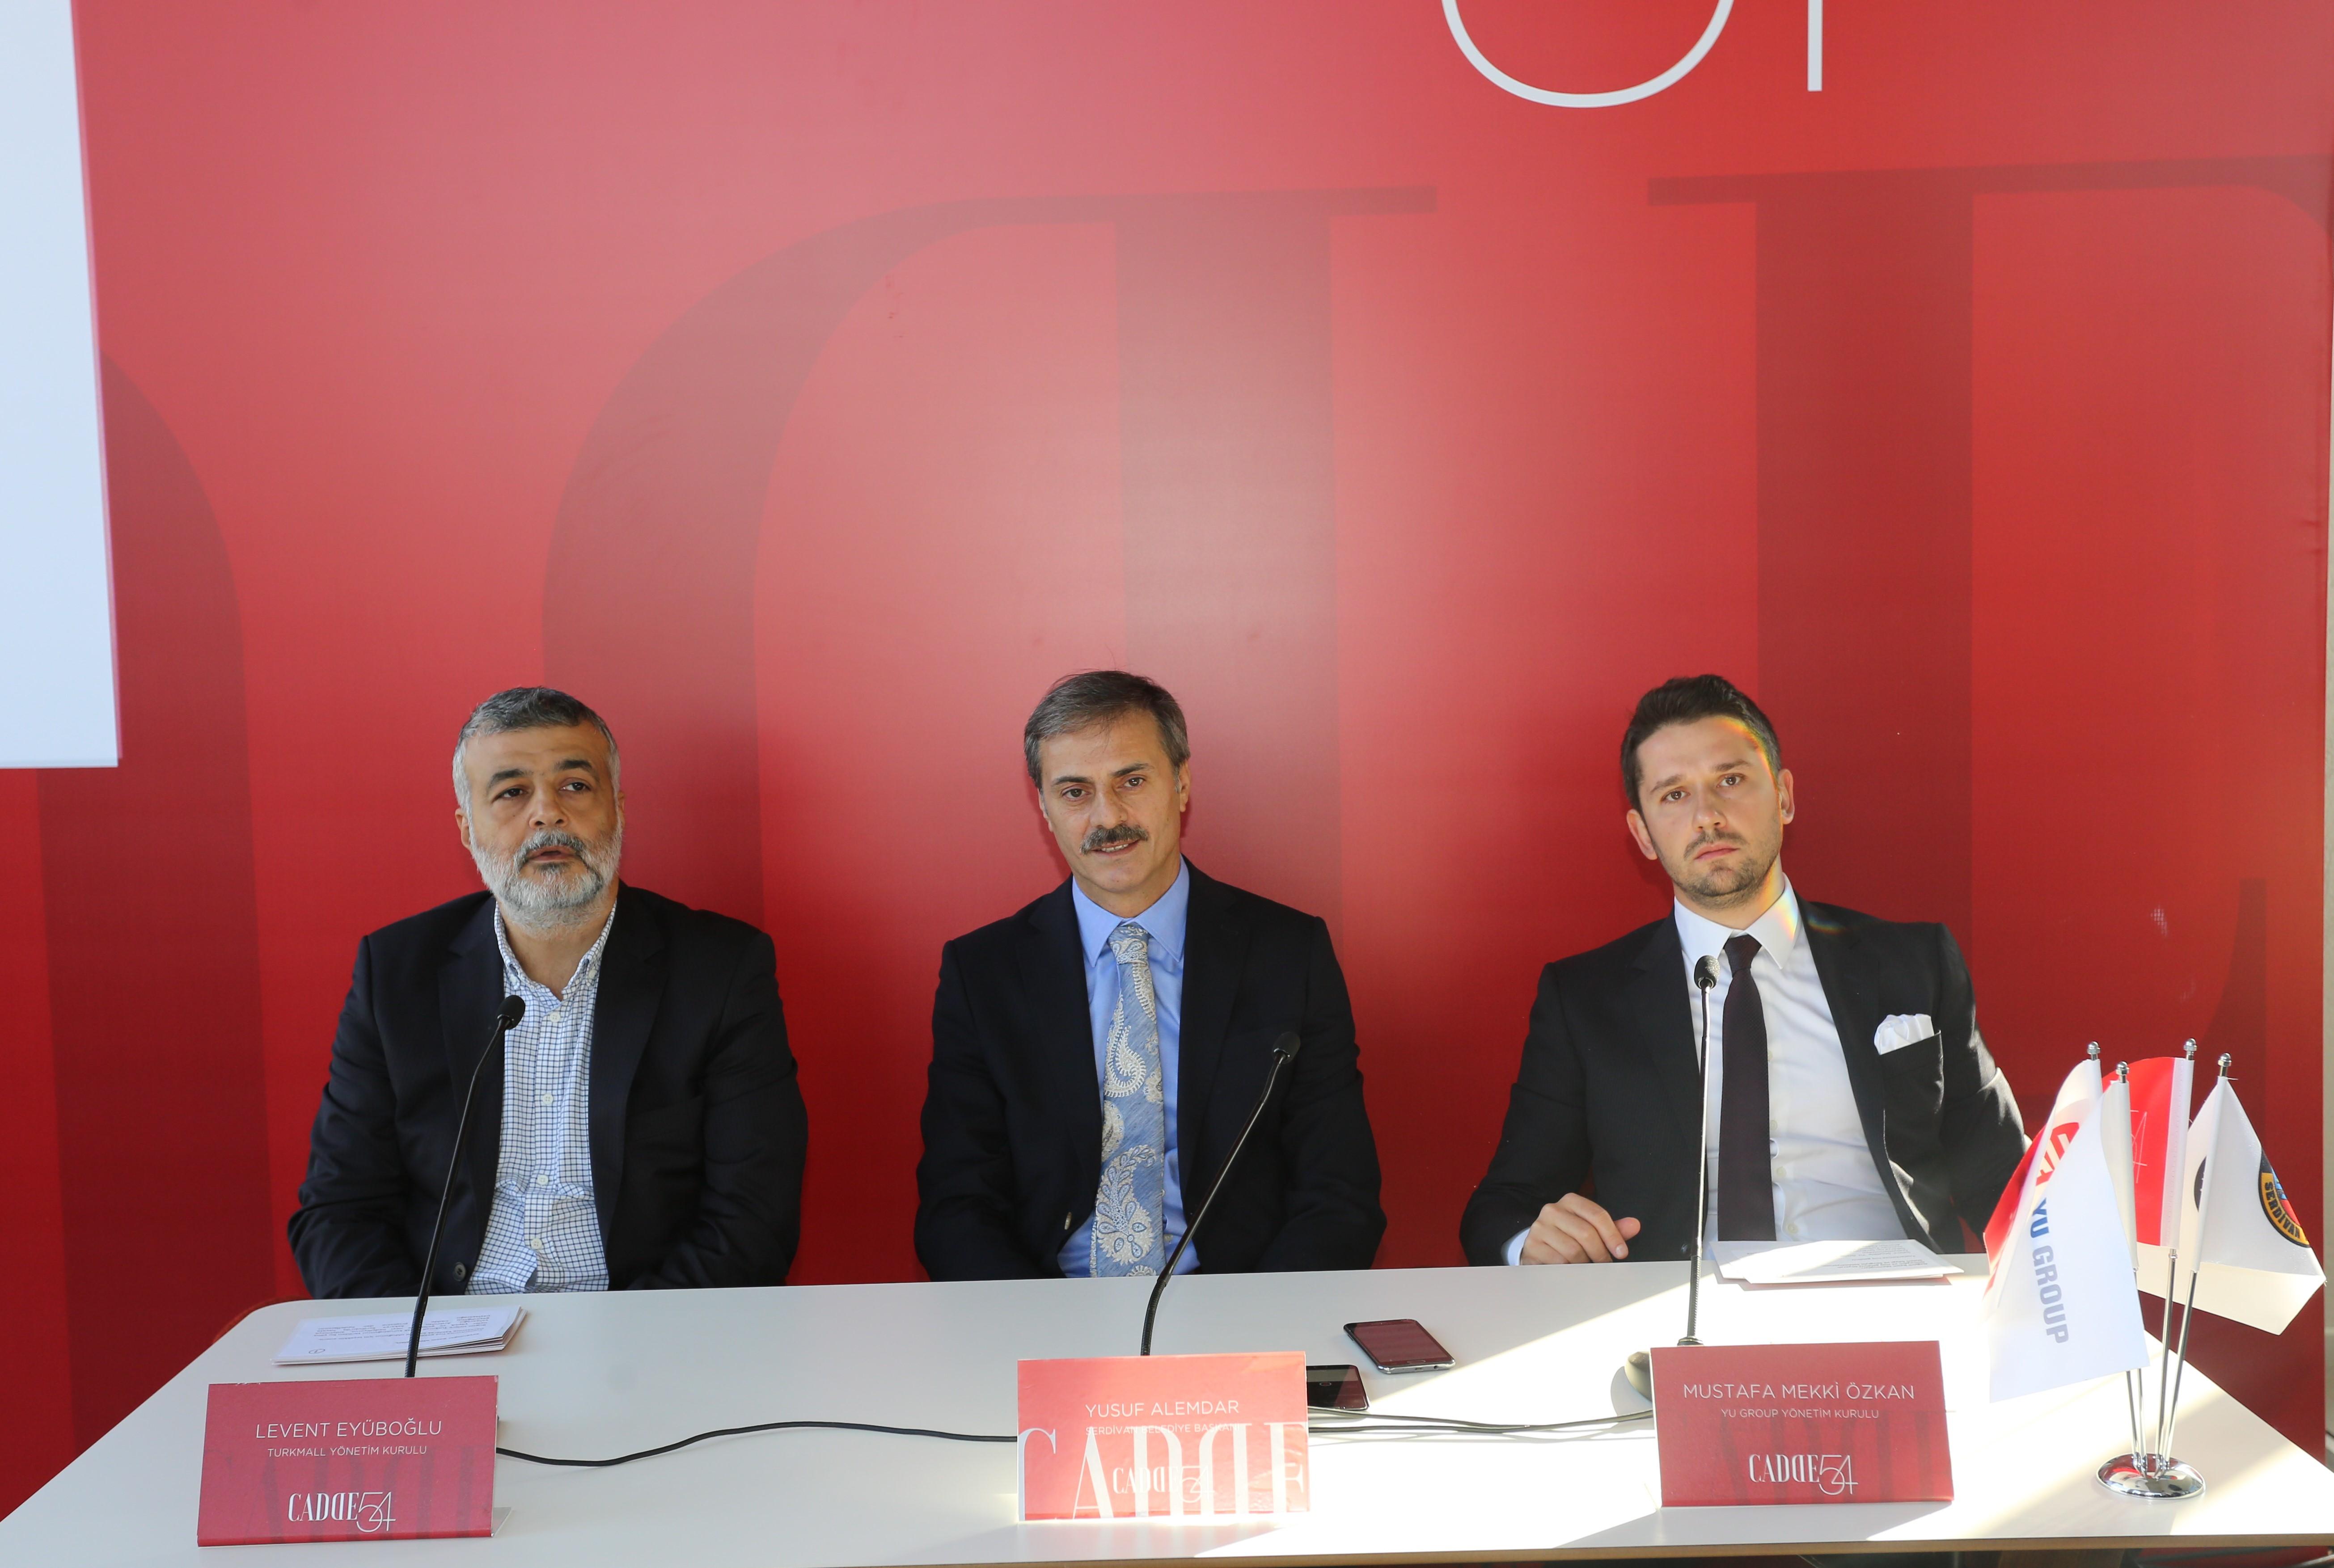 Turkmall Yönetim Kurulu Başkan Yardımcısı Levent Eyüboğlu - Serdivan Belediye Başkanı Yusuf Alemdar - Yu Group Yönetim Kurulu Başkan Yardımcısı Mustafa Mekki Özkan